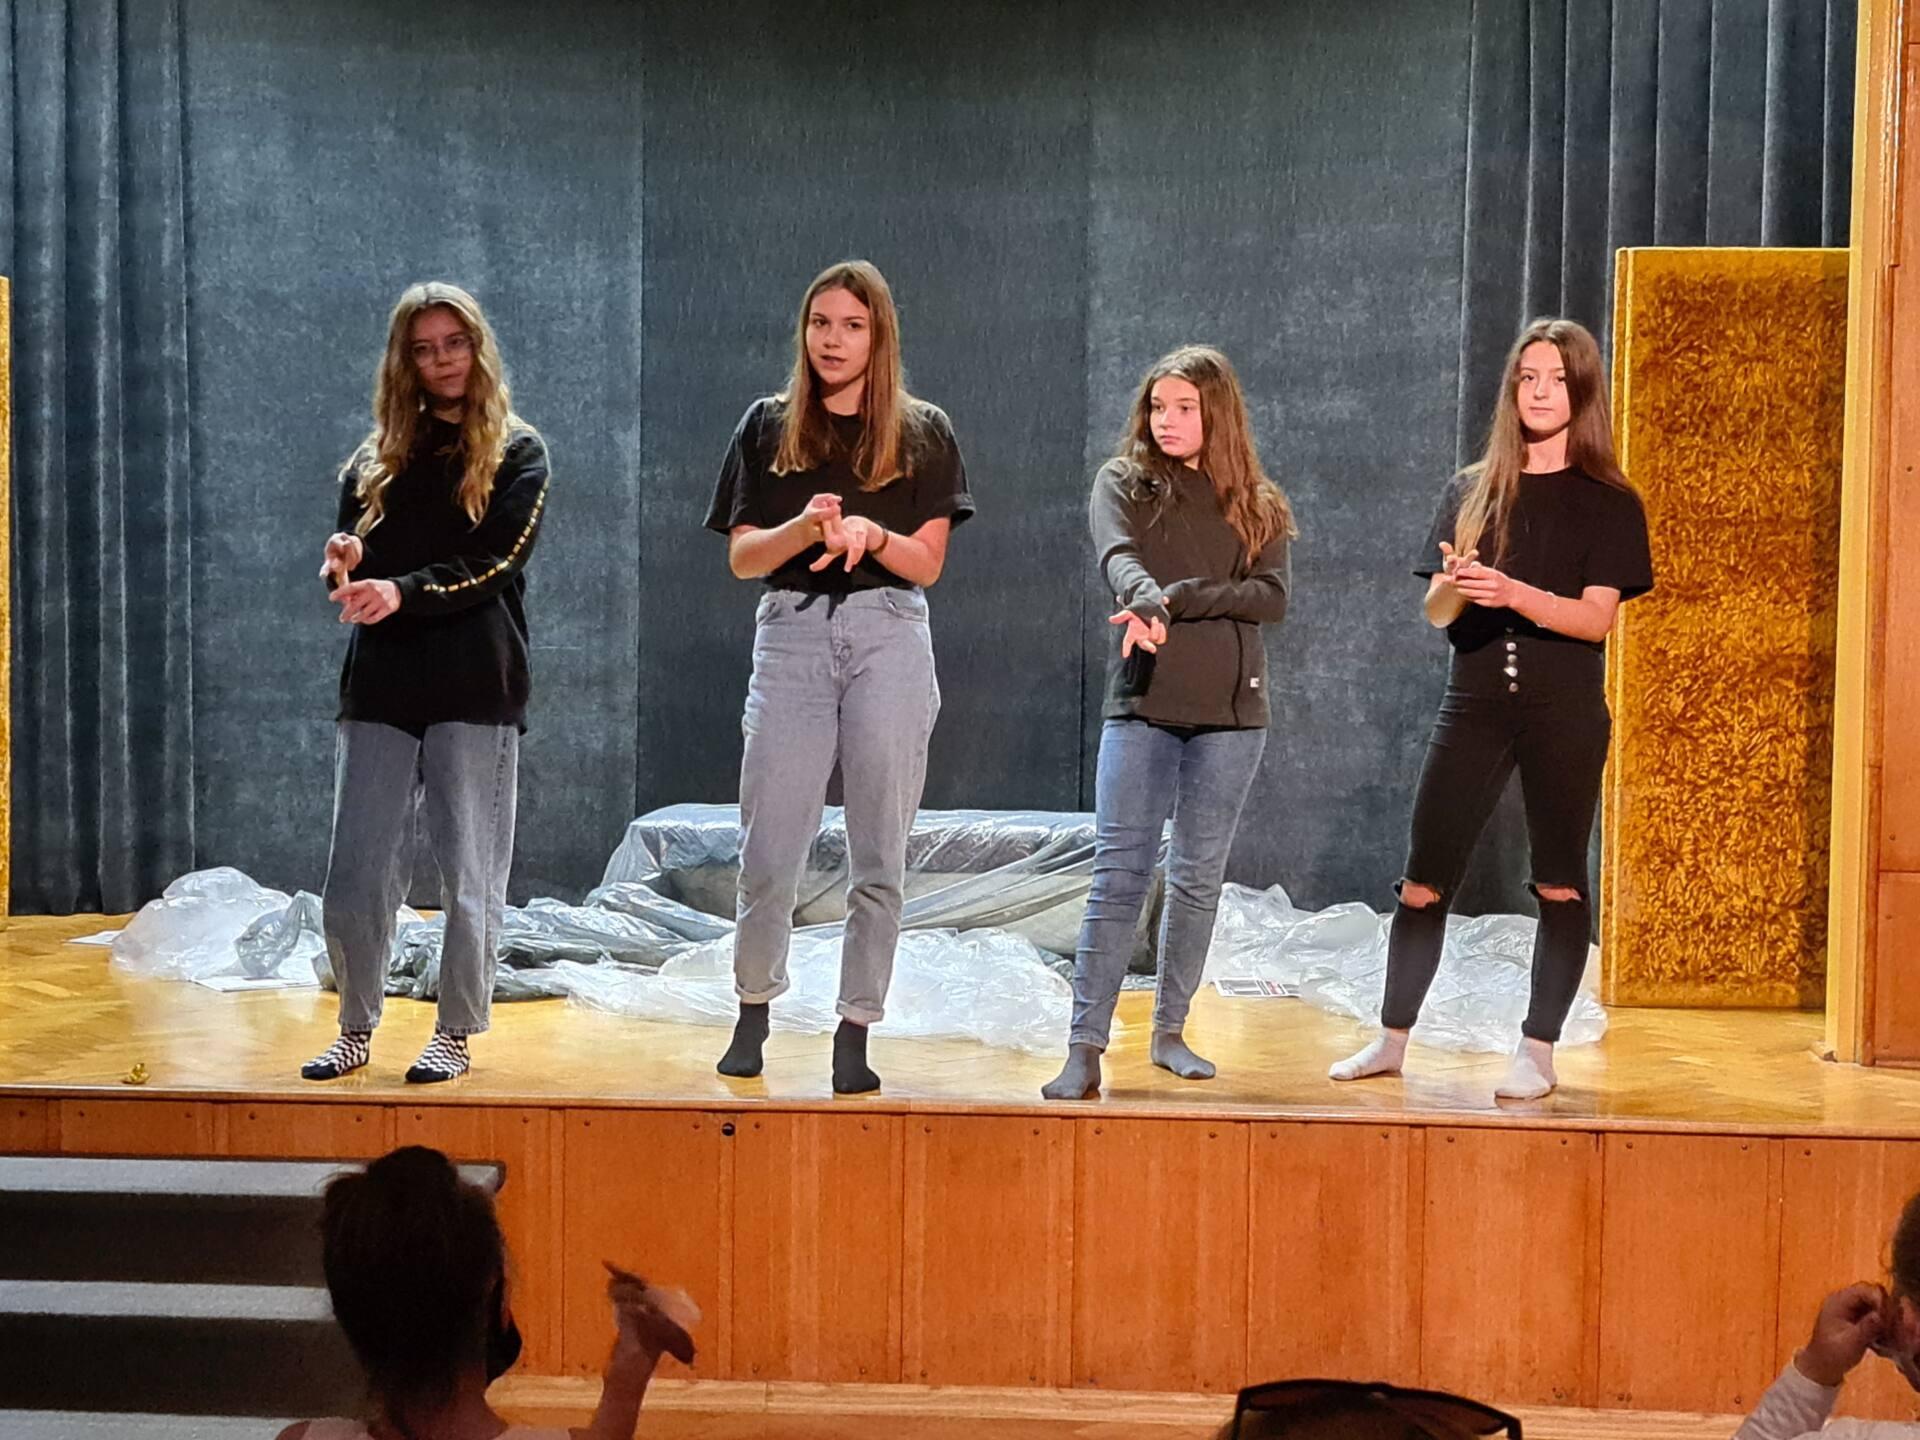 20201020 104320 Zamojskie Premiery Teatralne. Młodzi aktorzy pokazali swoje umiejętności [FOTORELACJA]